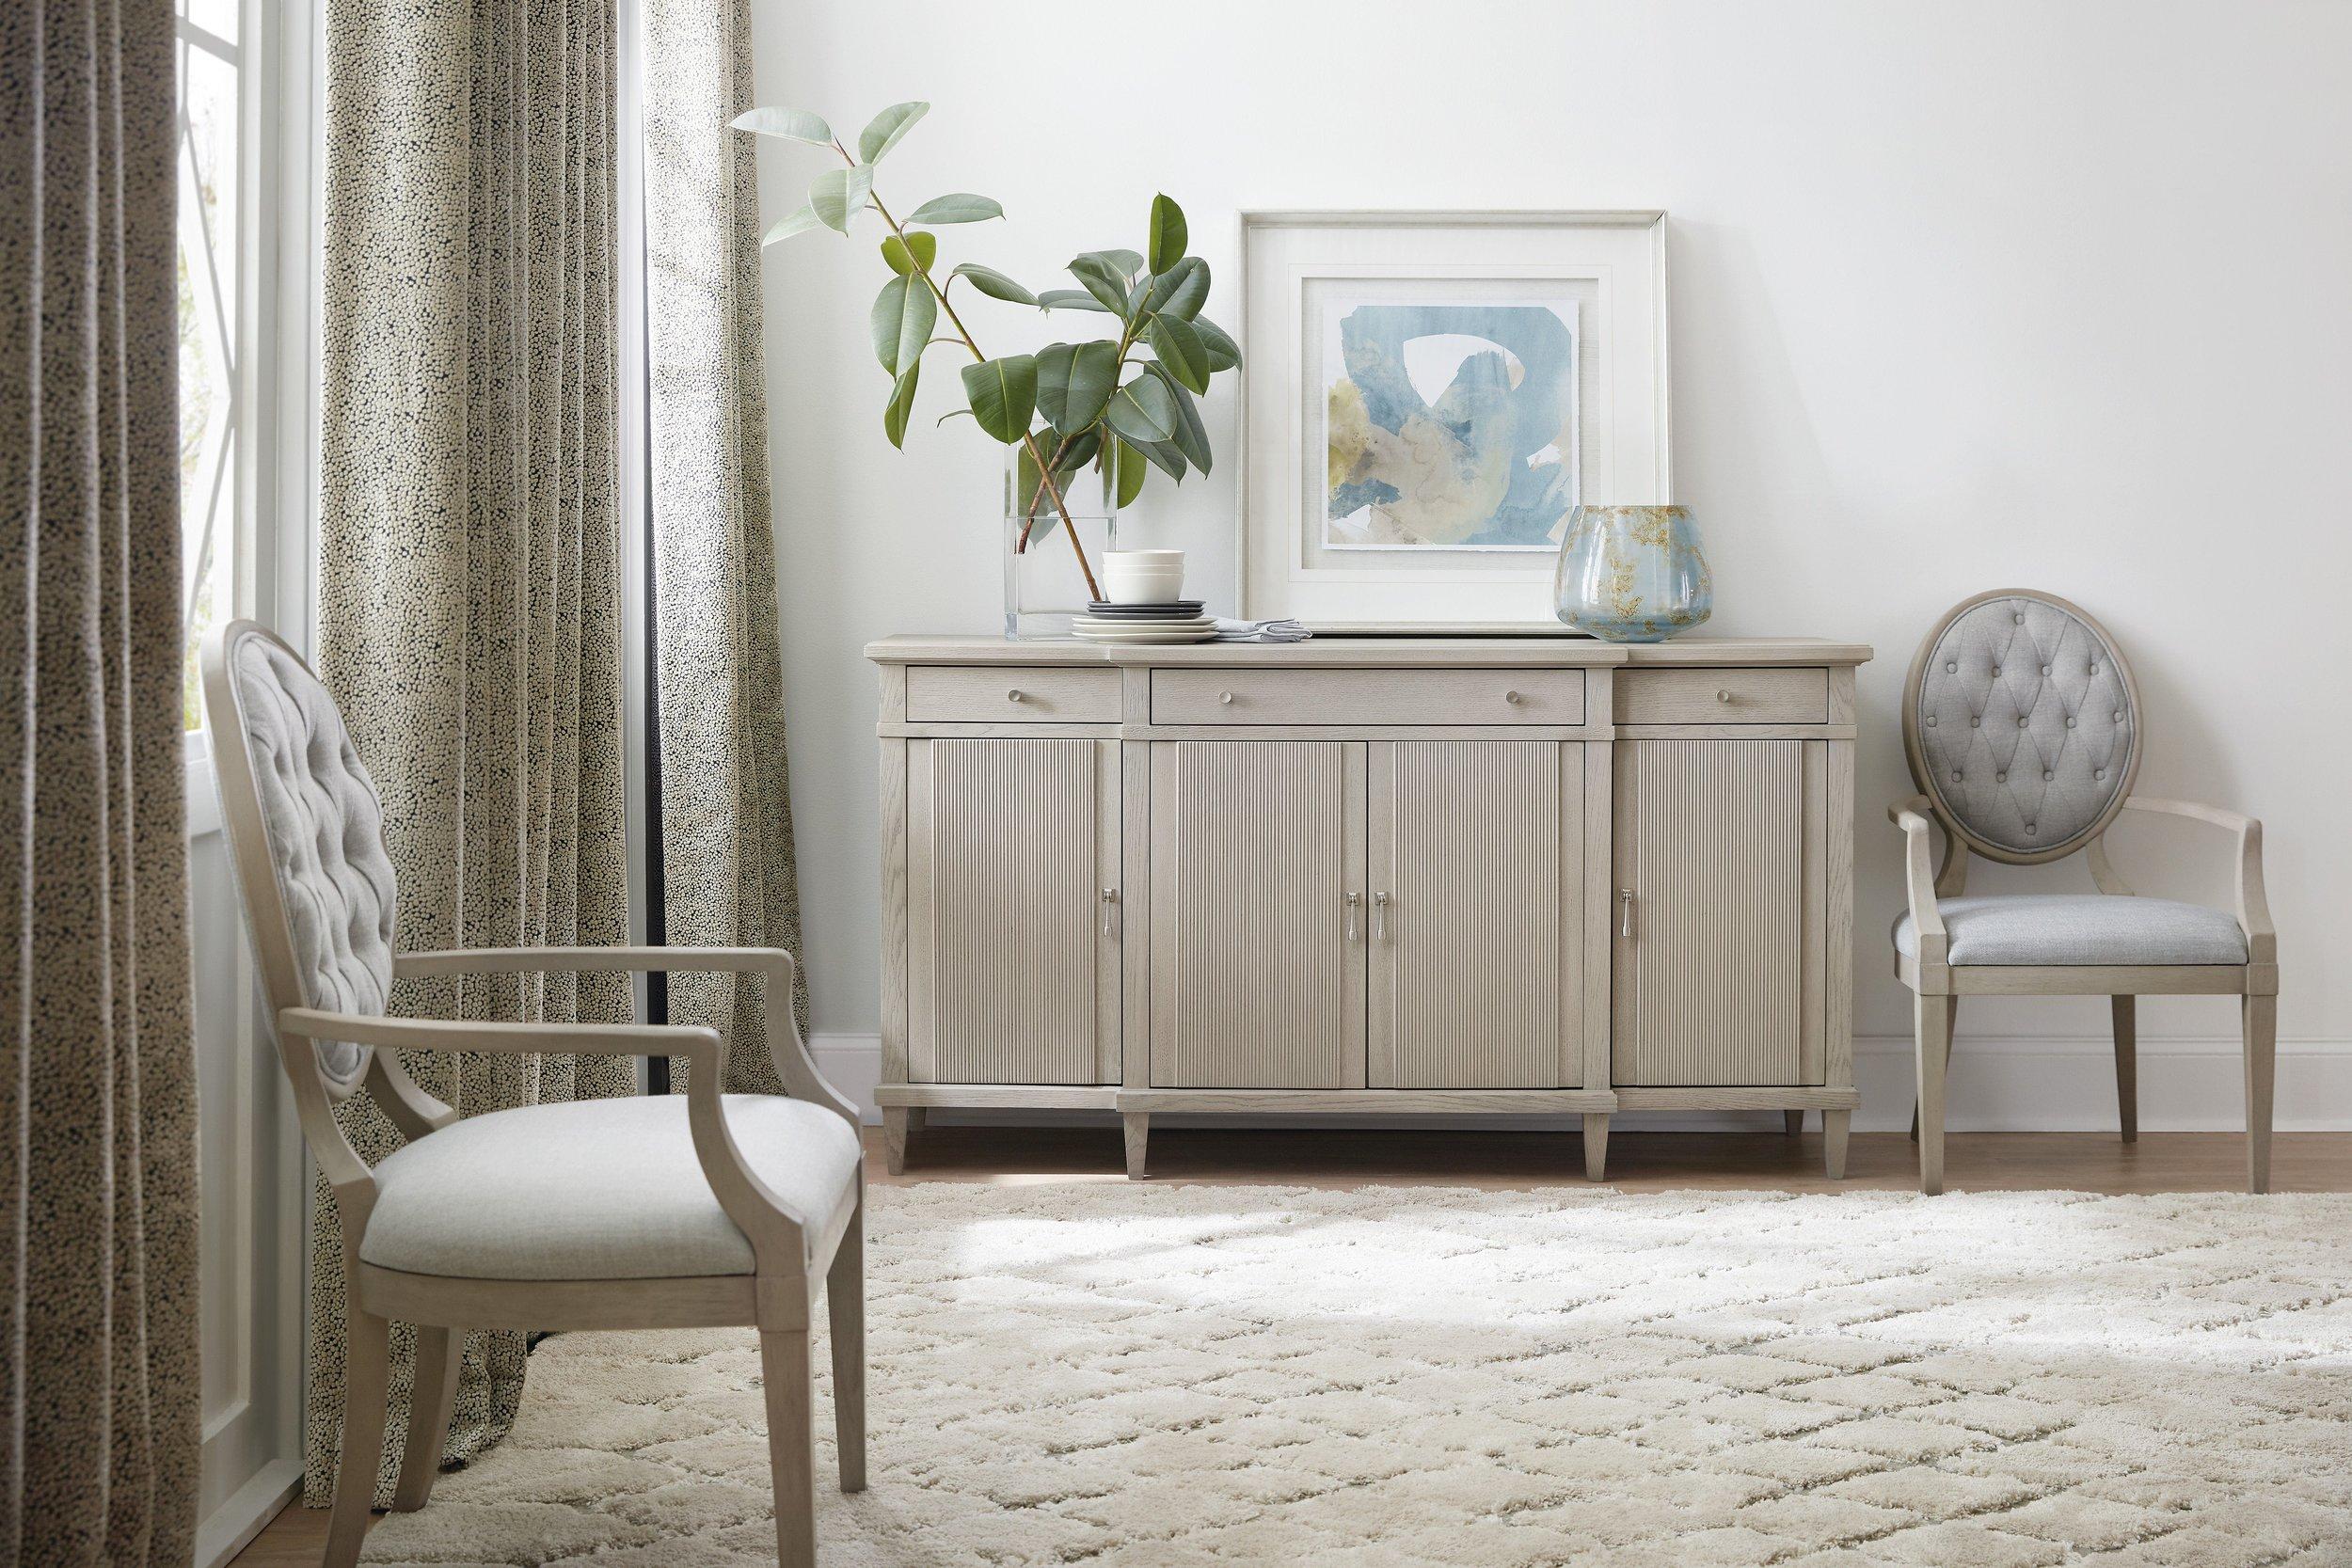 Hooker_Furniture_Buffet_2.jpg